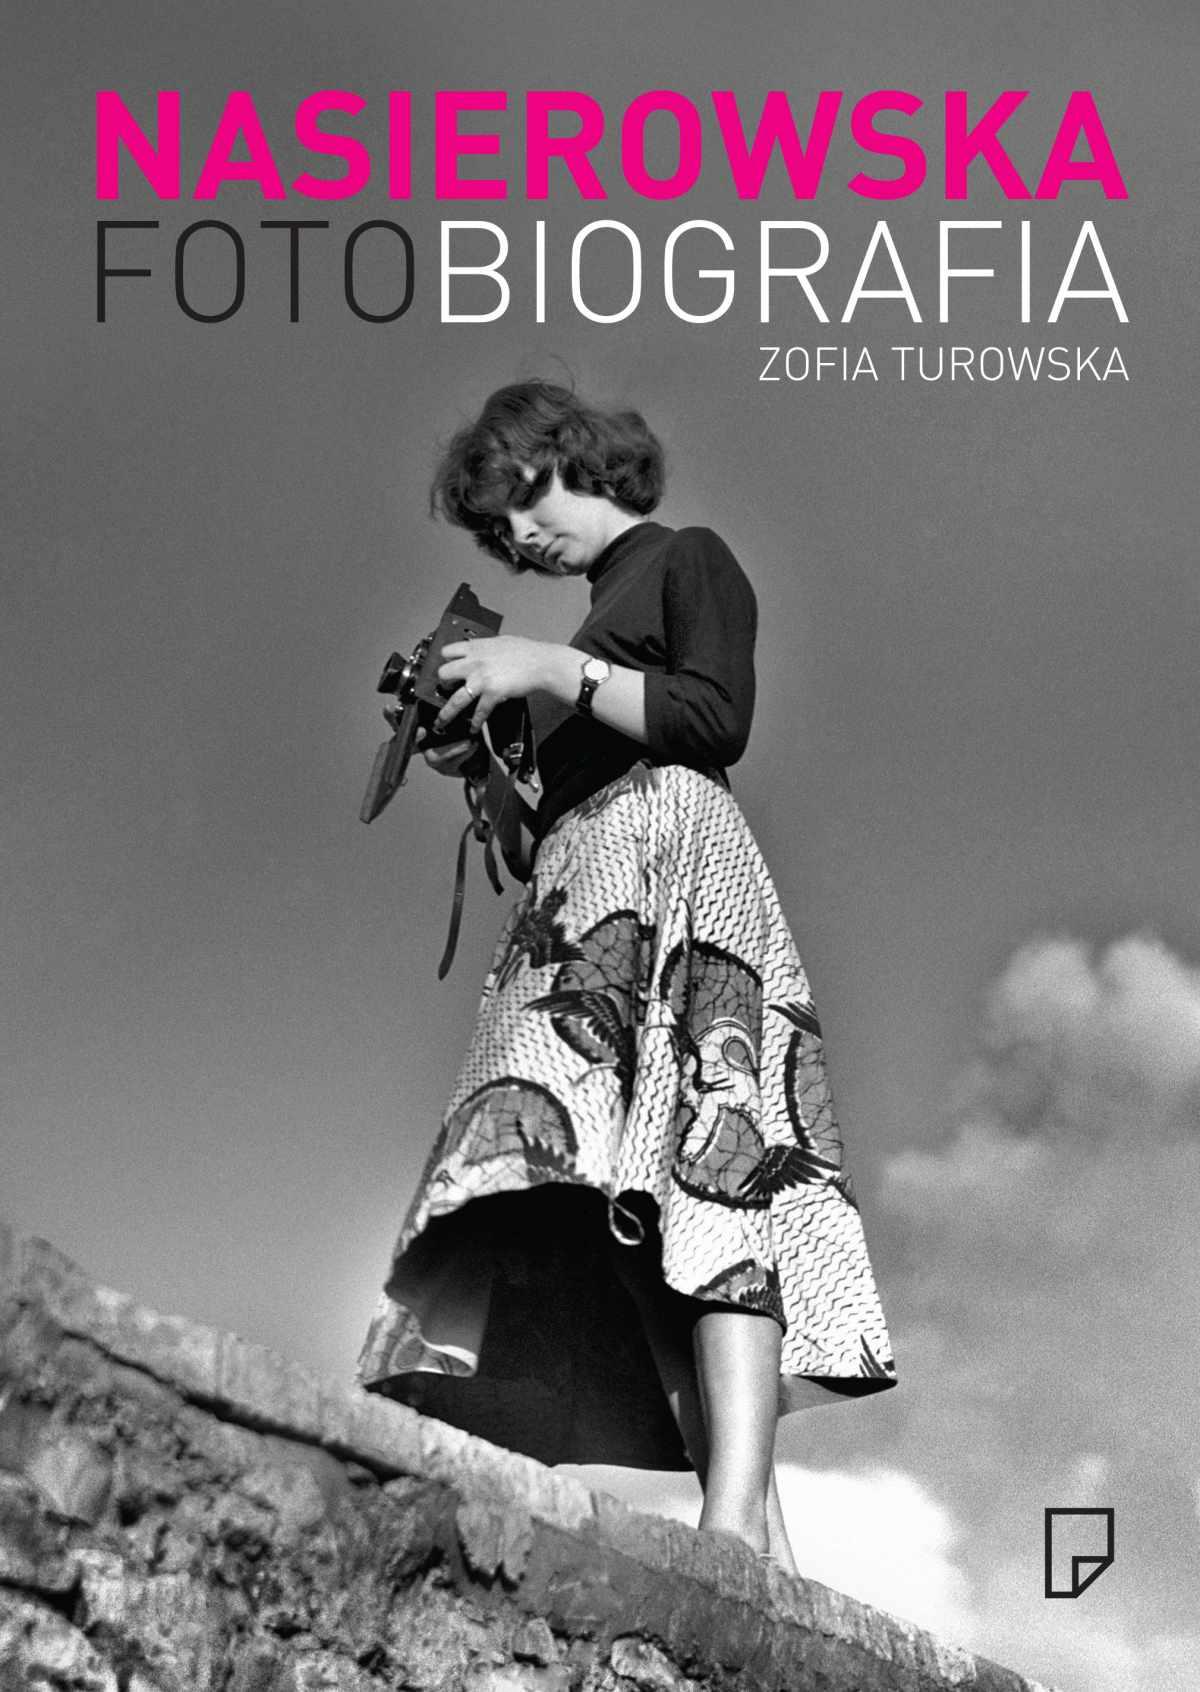 Fotobiografia. Zofia Nasierowska - Ebook (Książka EPUB) do pobrania w formacie EPUB